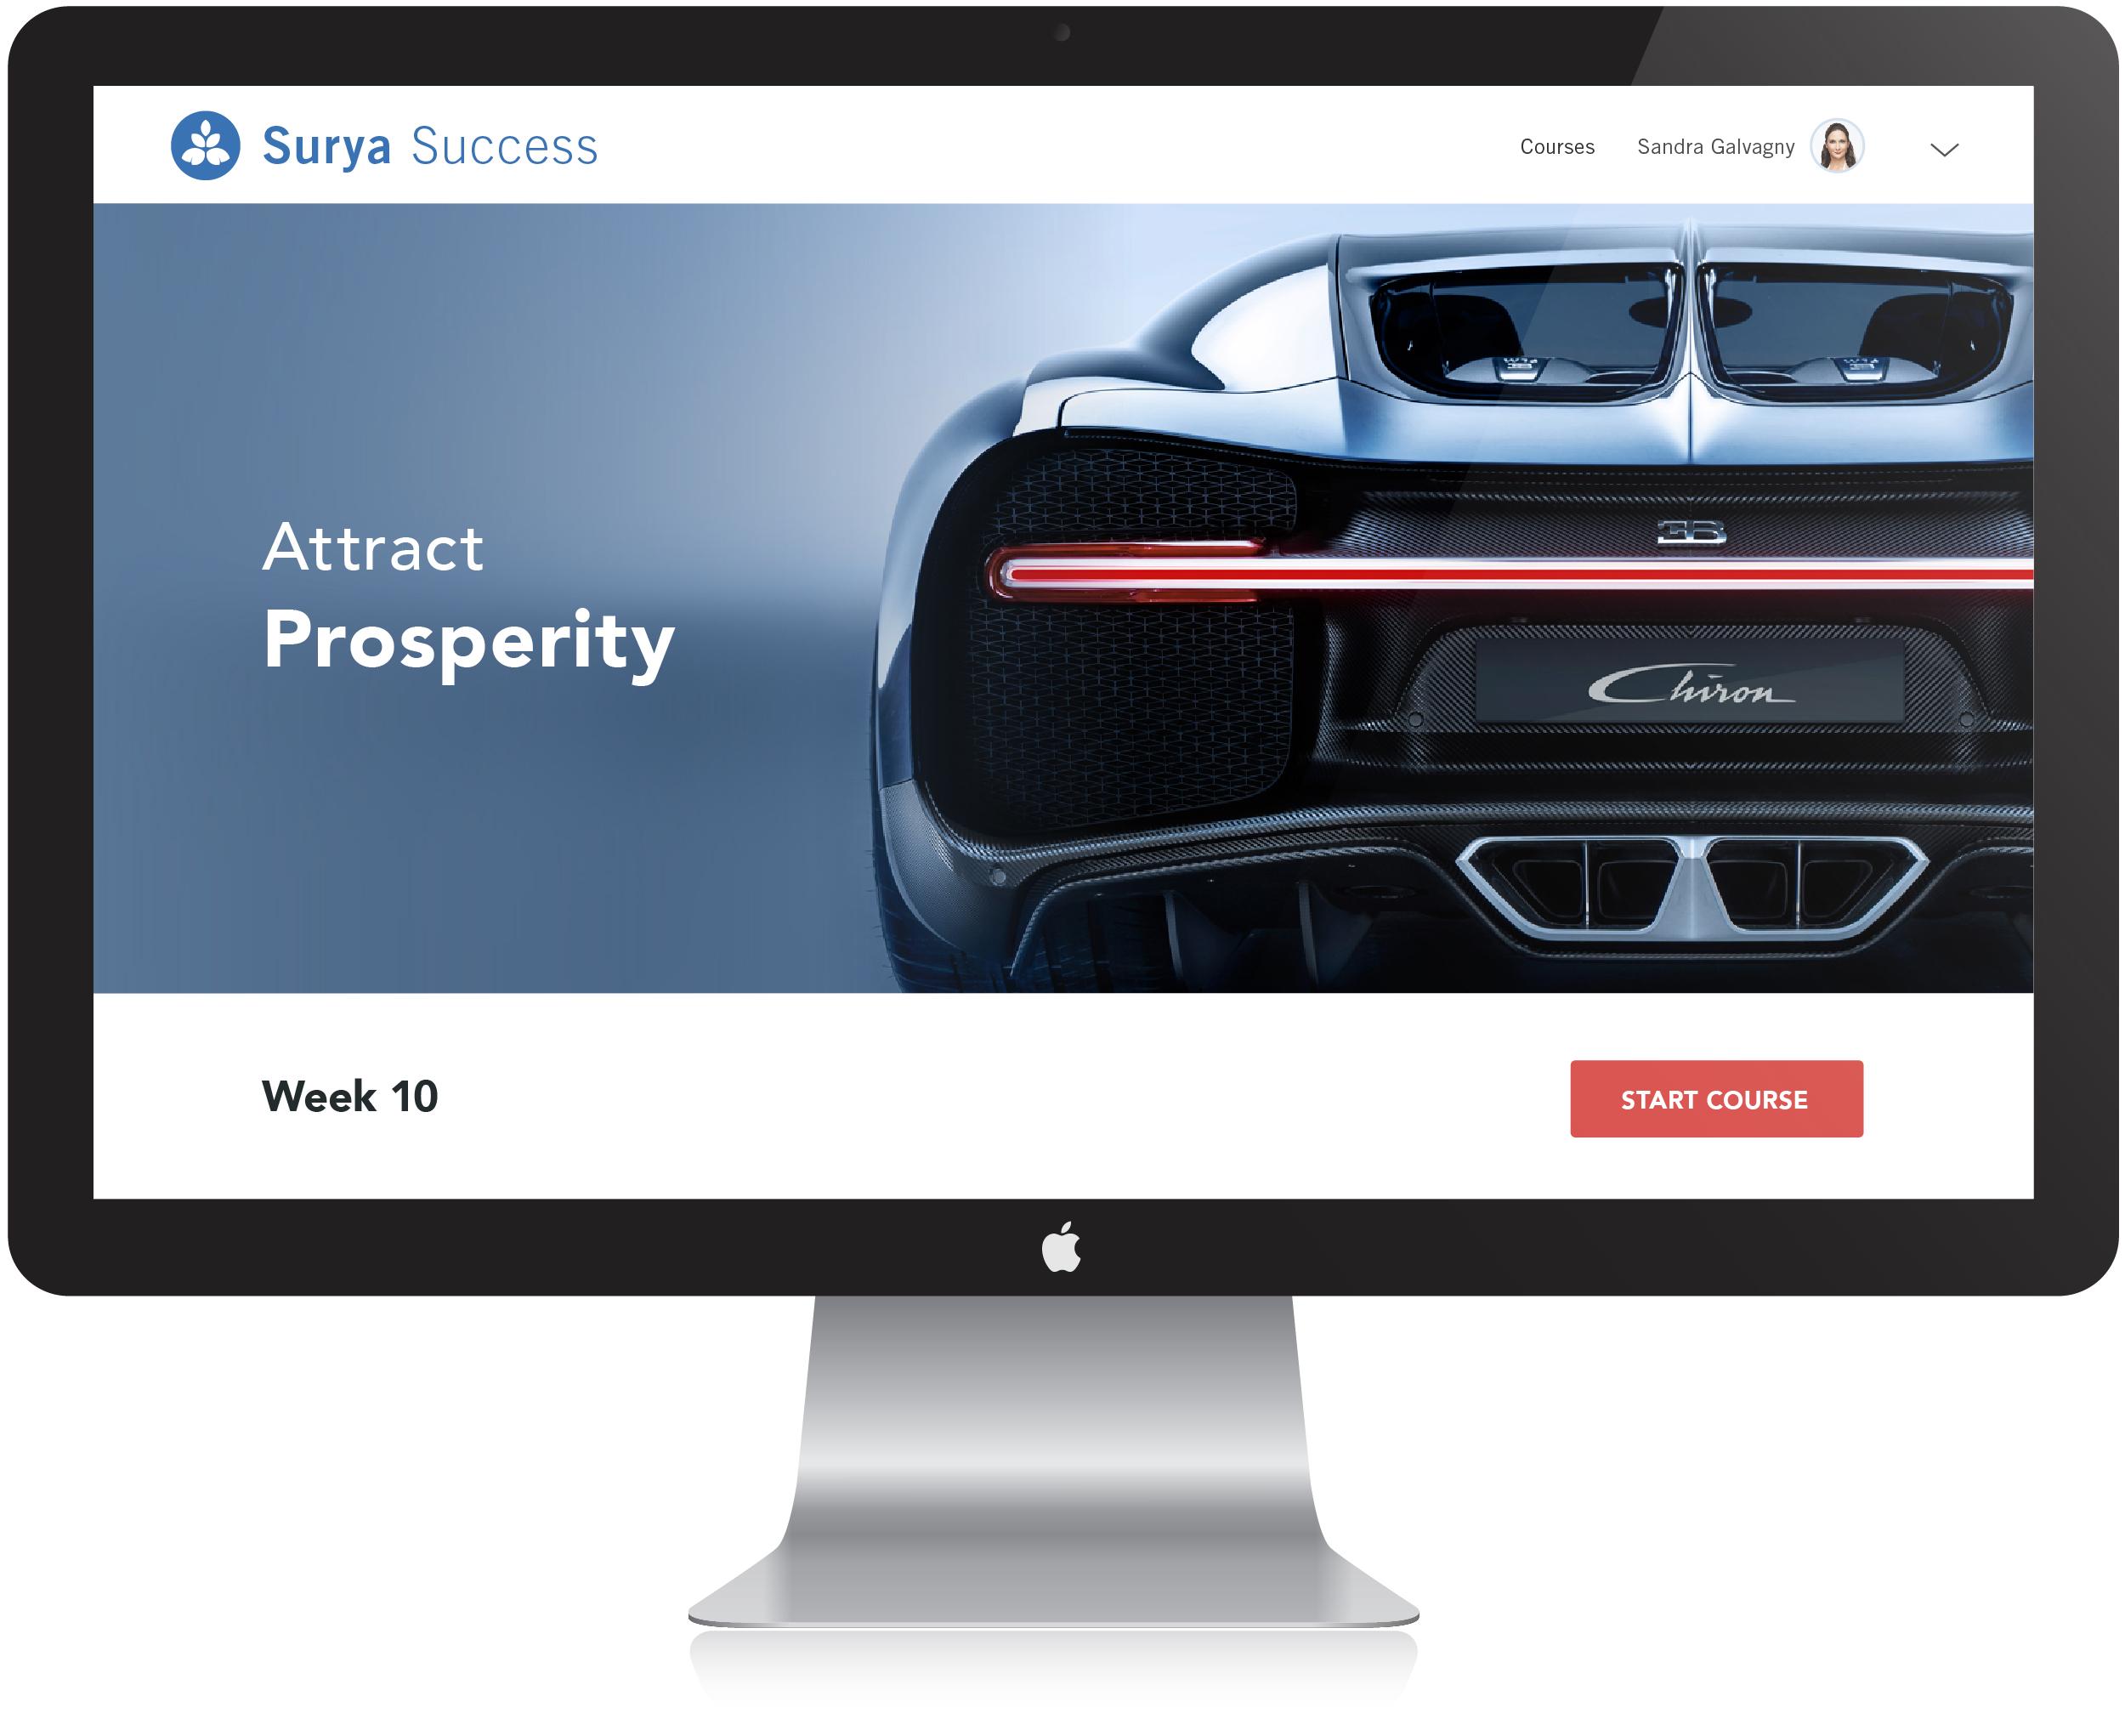 SuryaSuccess_Desktop_04.jpg